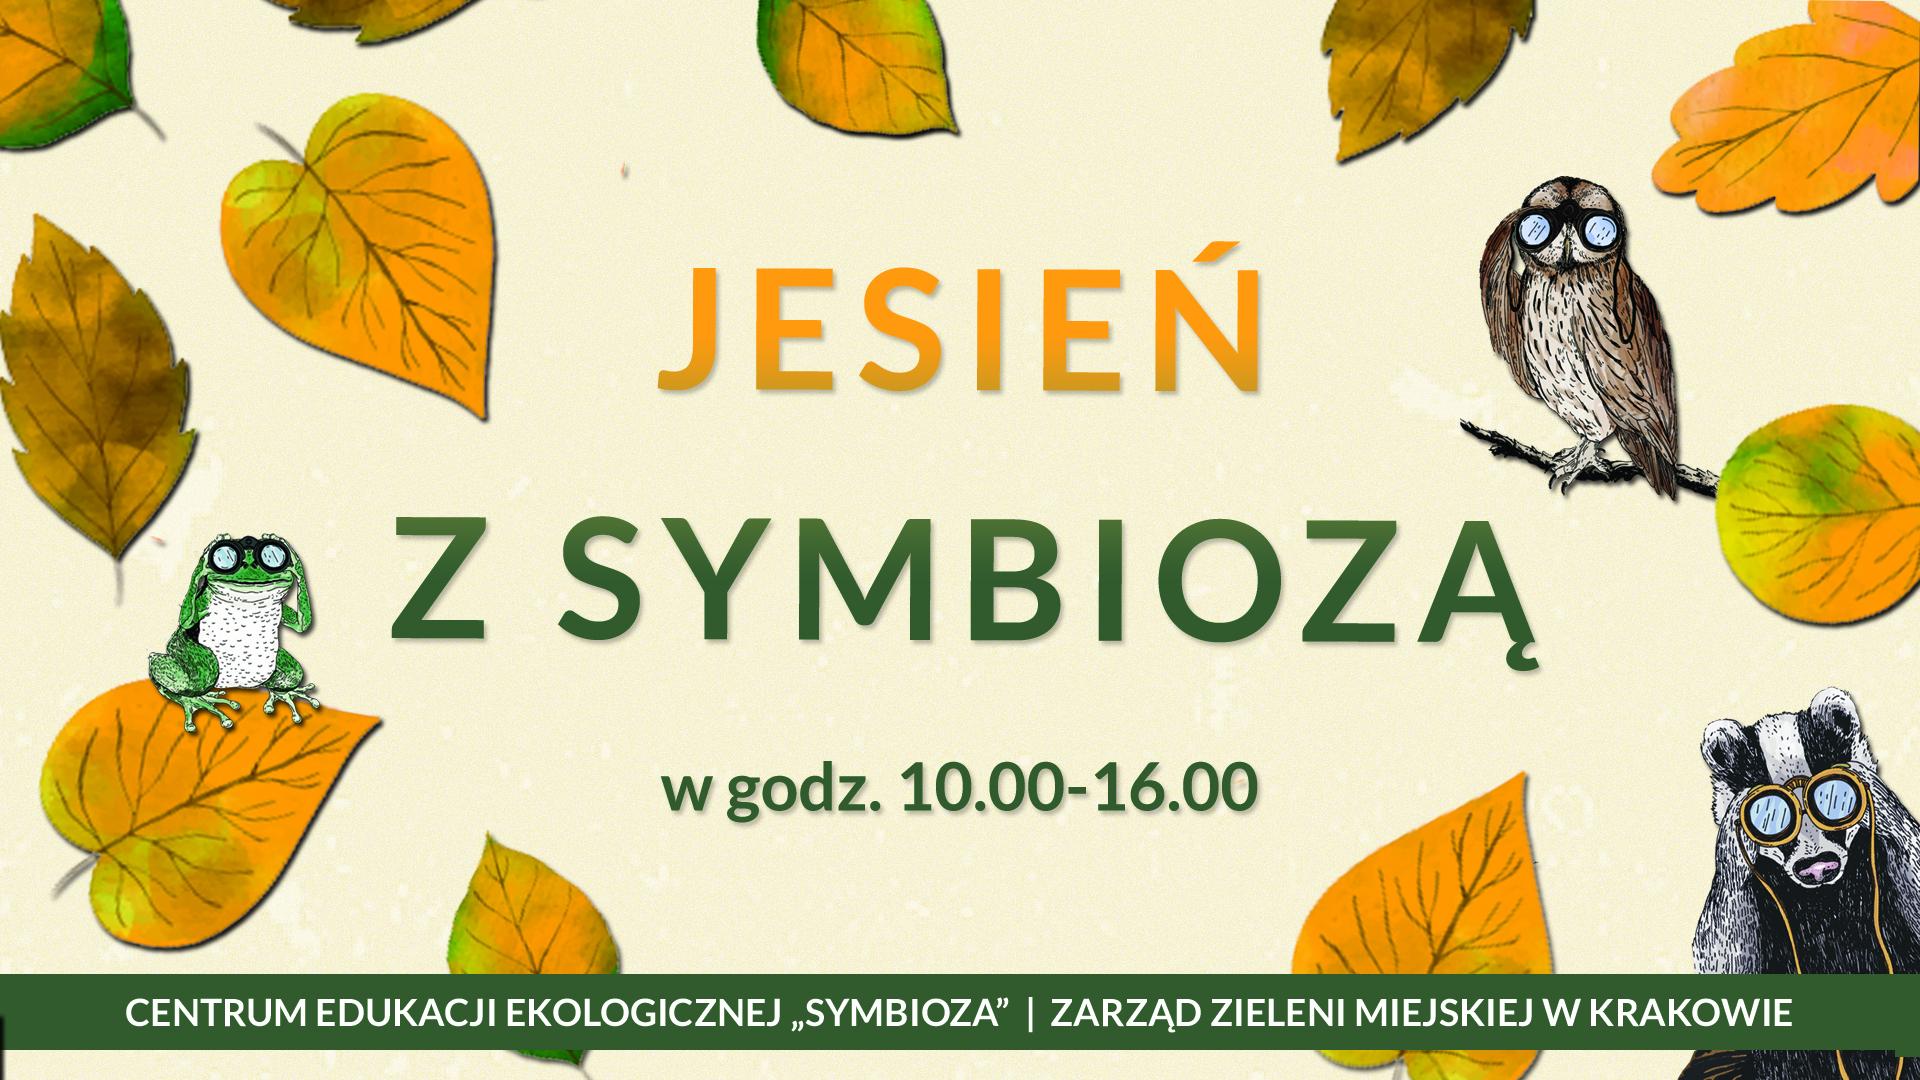 Żółty baner z jesiennymi liścmi przedstawiający akcję Jesień z Symbiozą - w tle rzekotka, puszczyk i borsuk z lornetkami